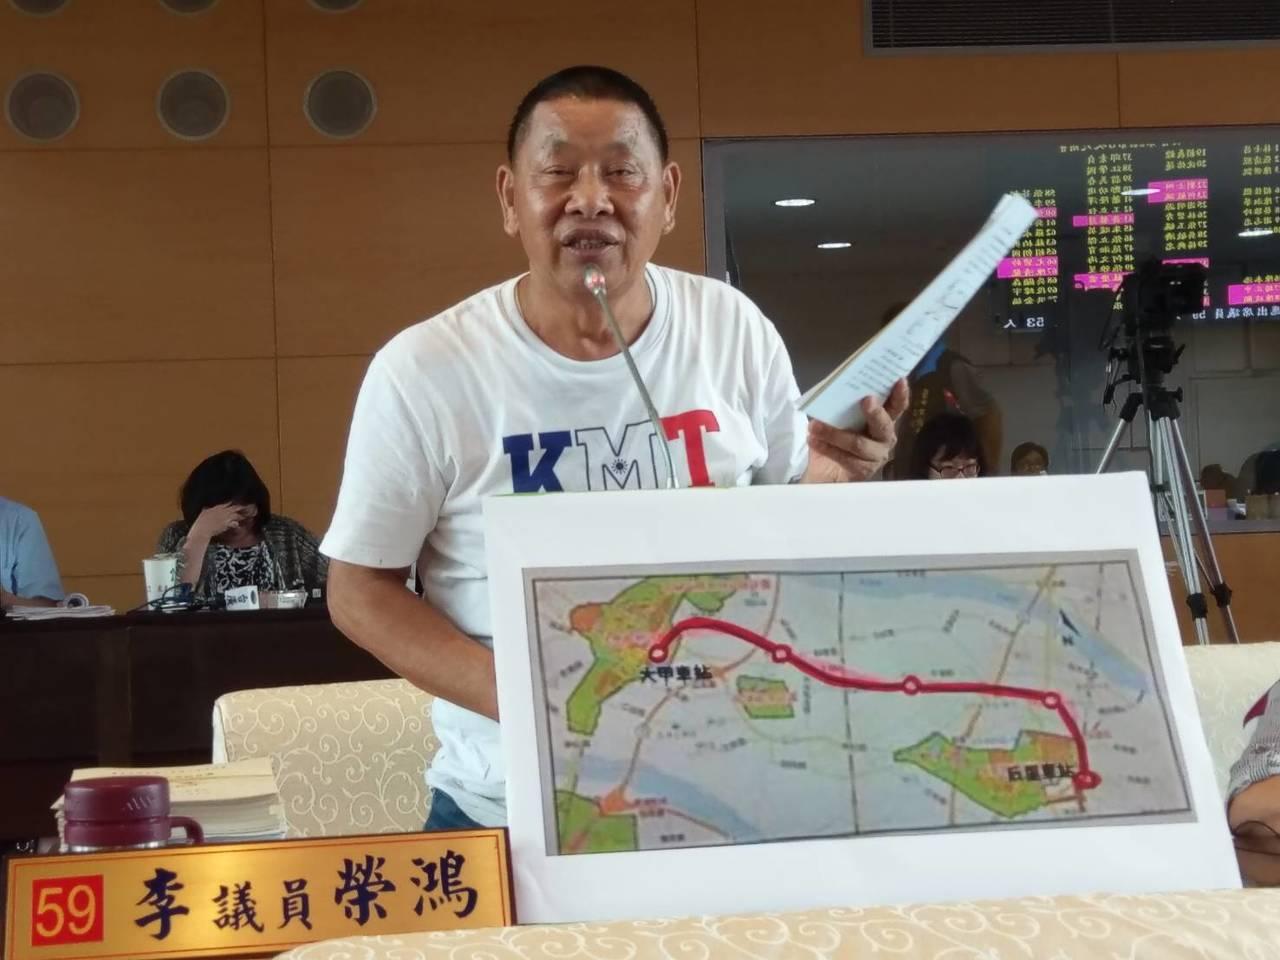 市議員李榮鴻指大甲轉運中心至今地點喬不定,不知何年何月可以完工。圖/李榮鴻提供